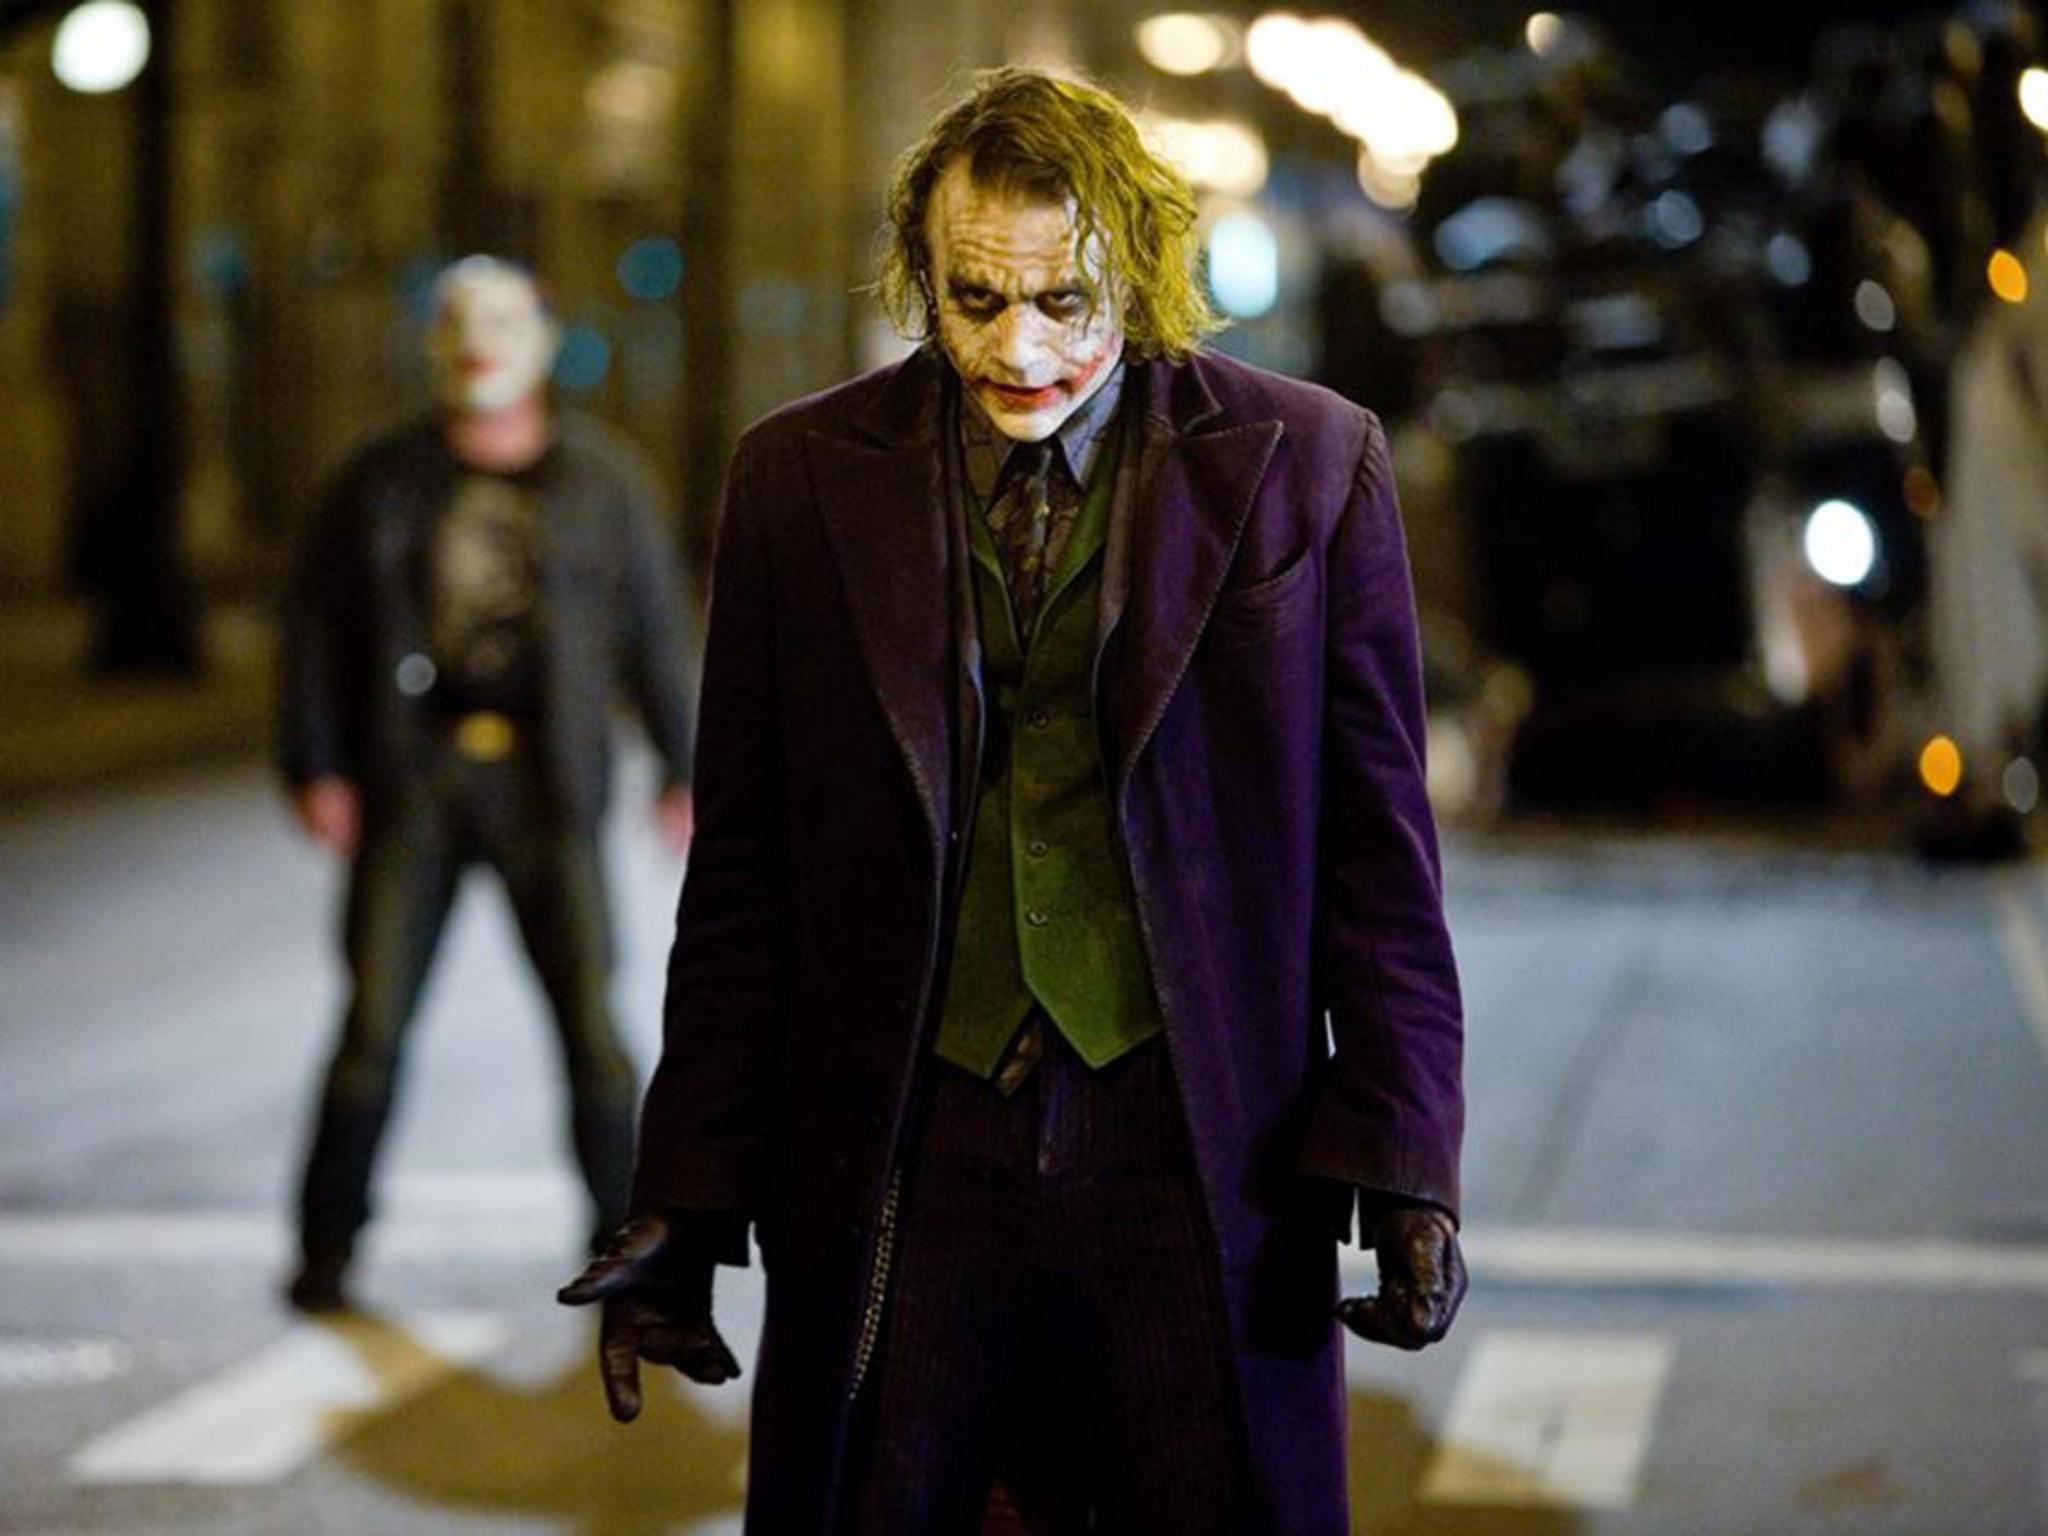 Mit seiner Rolle als Joker hat sich Heath Ledger ein Denkmal gesetzt.